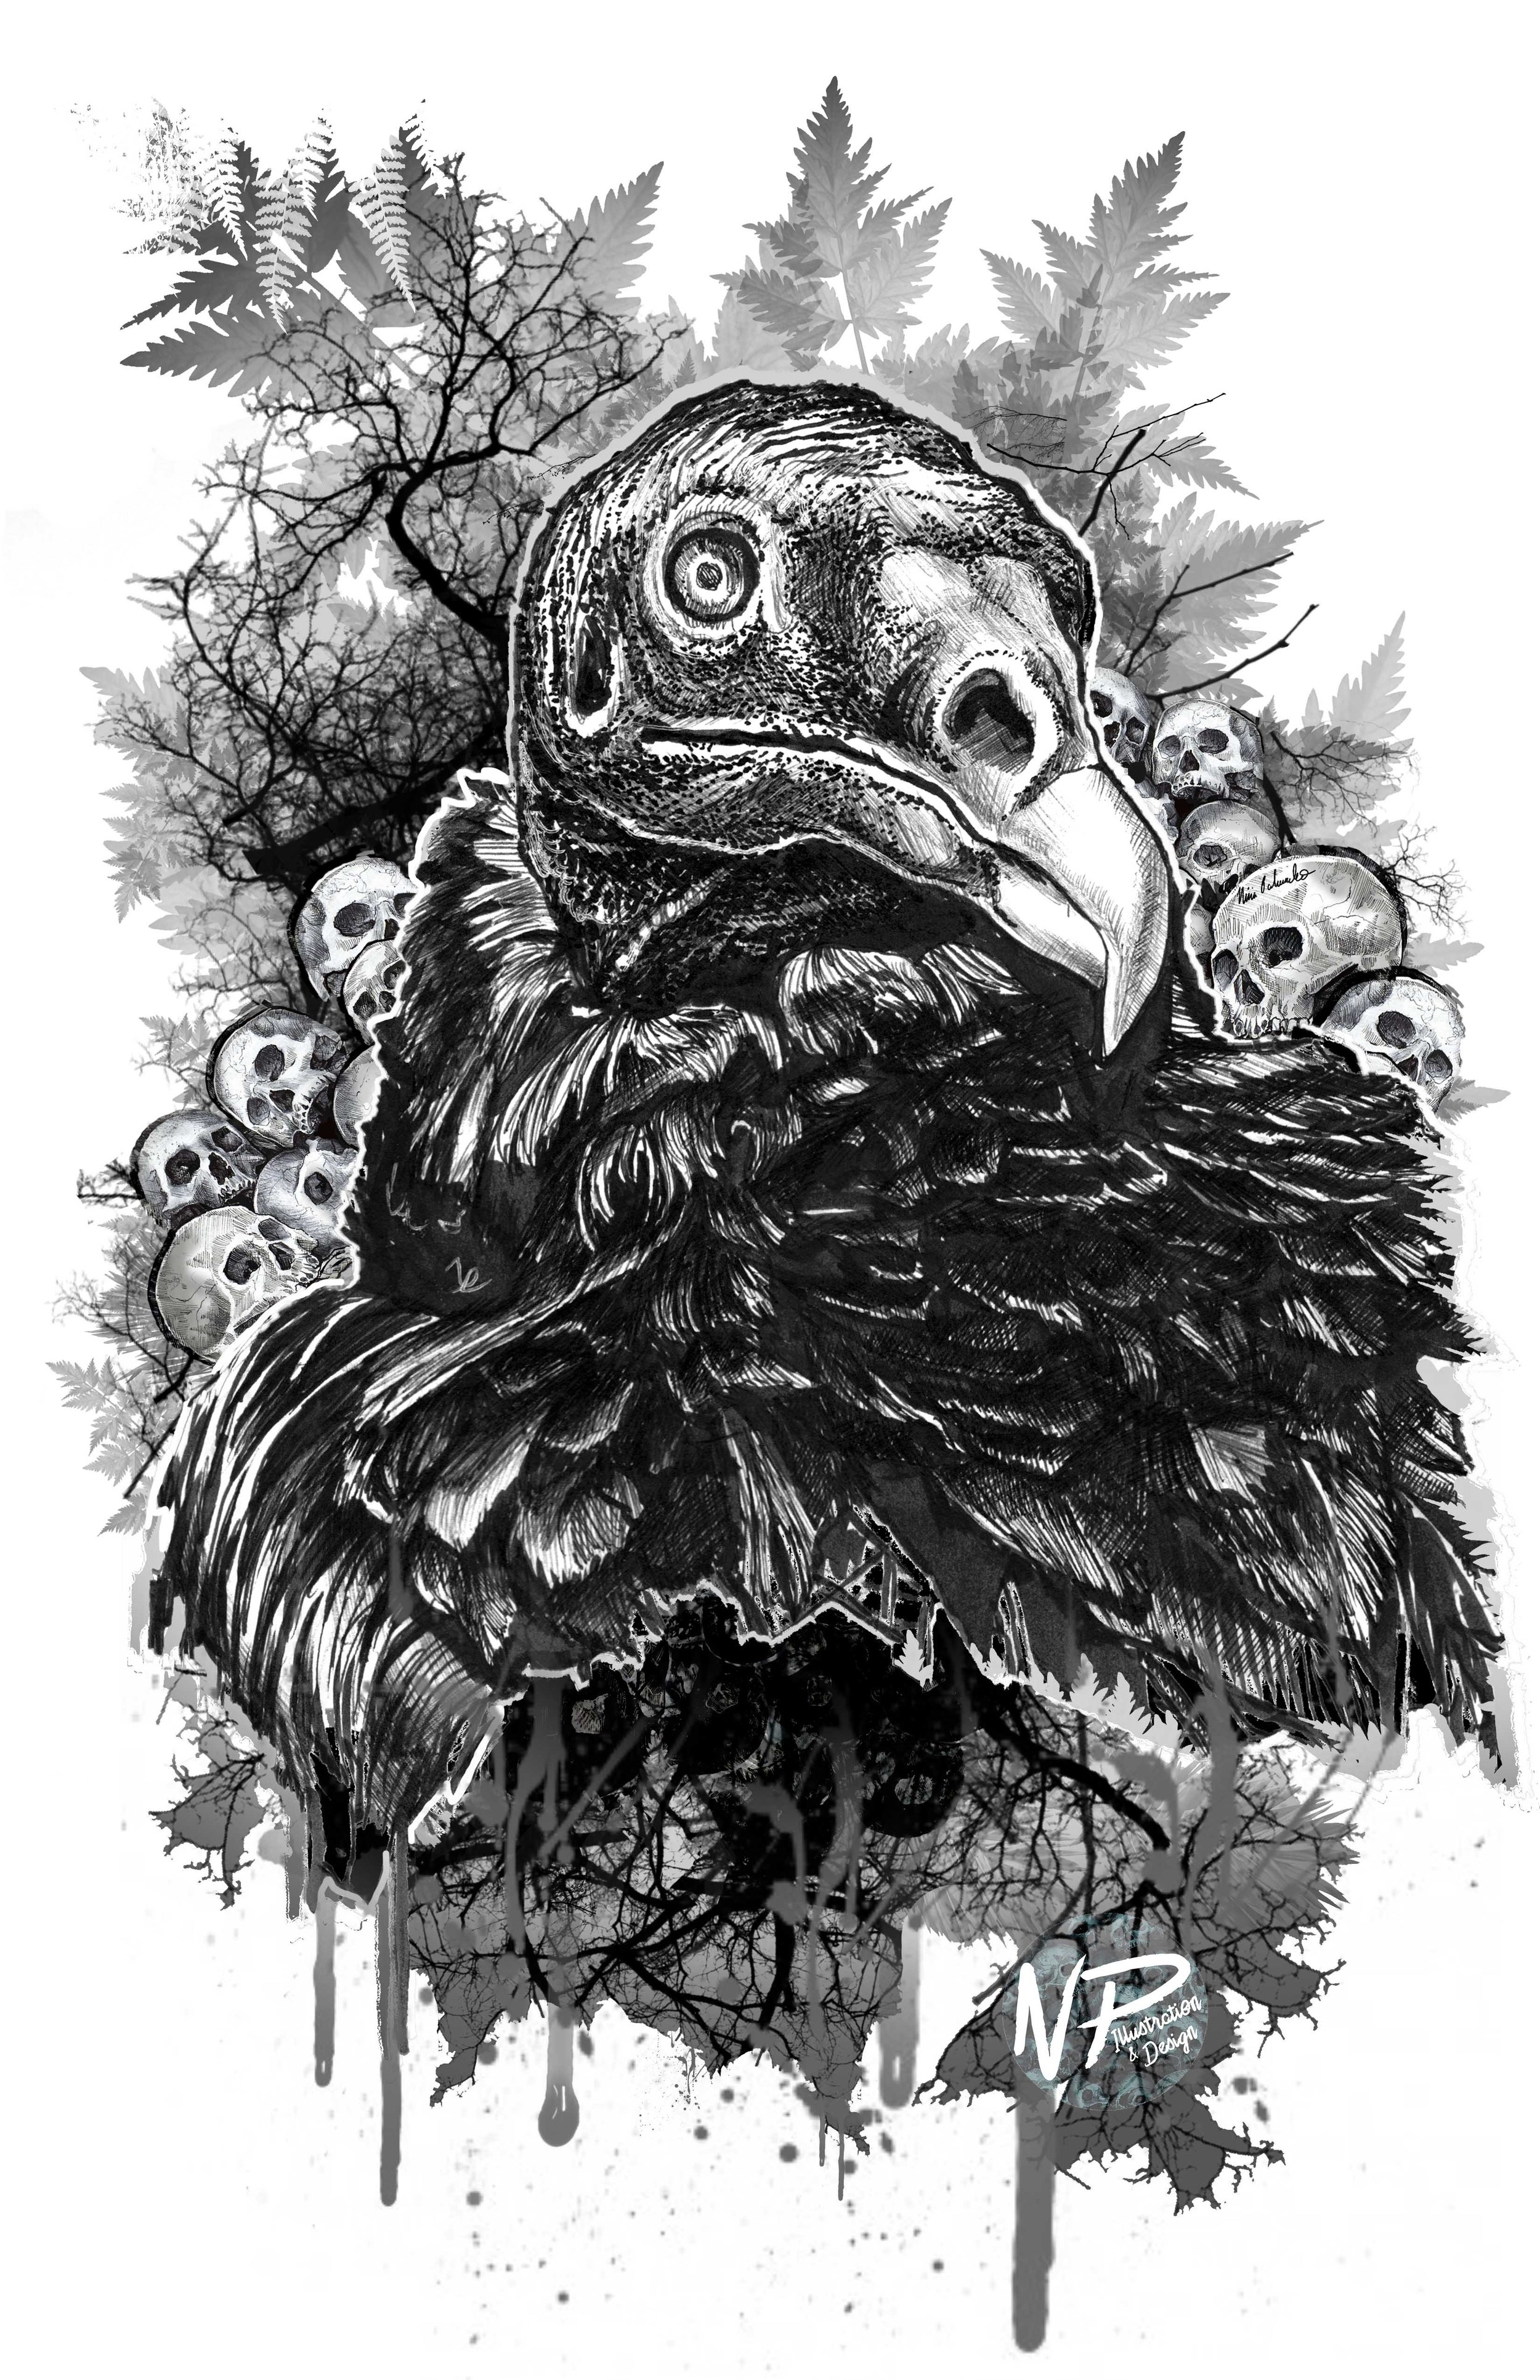 vulture watermark sample.jpg